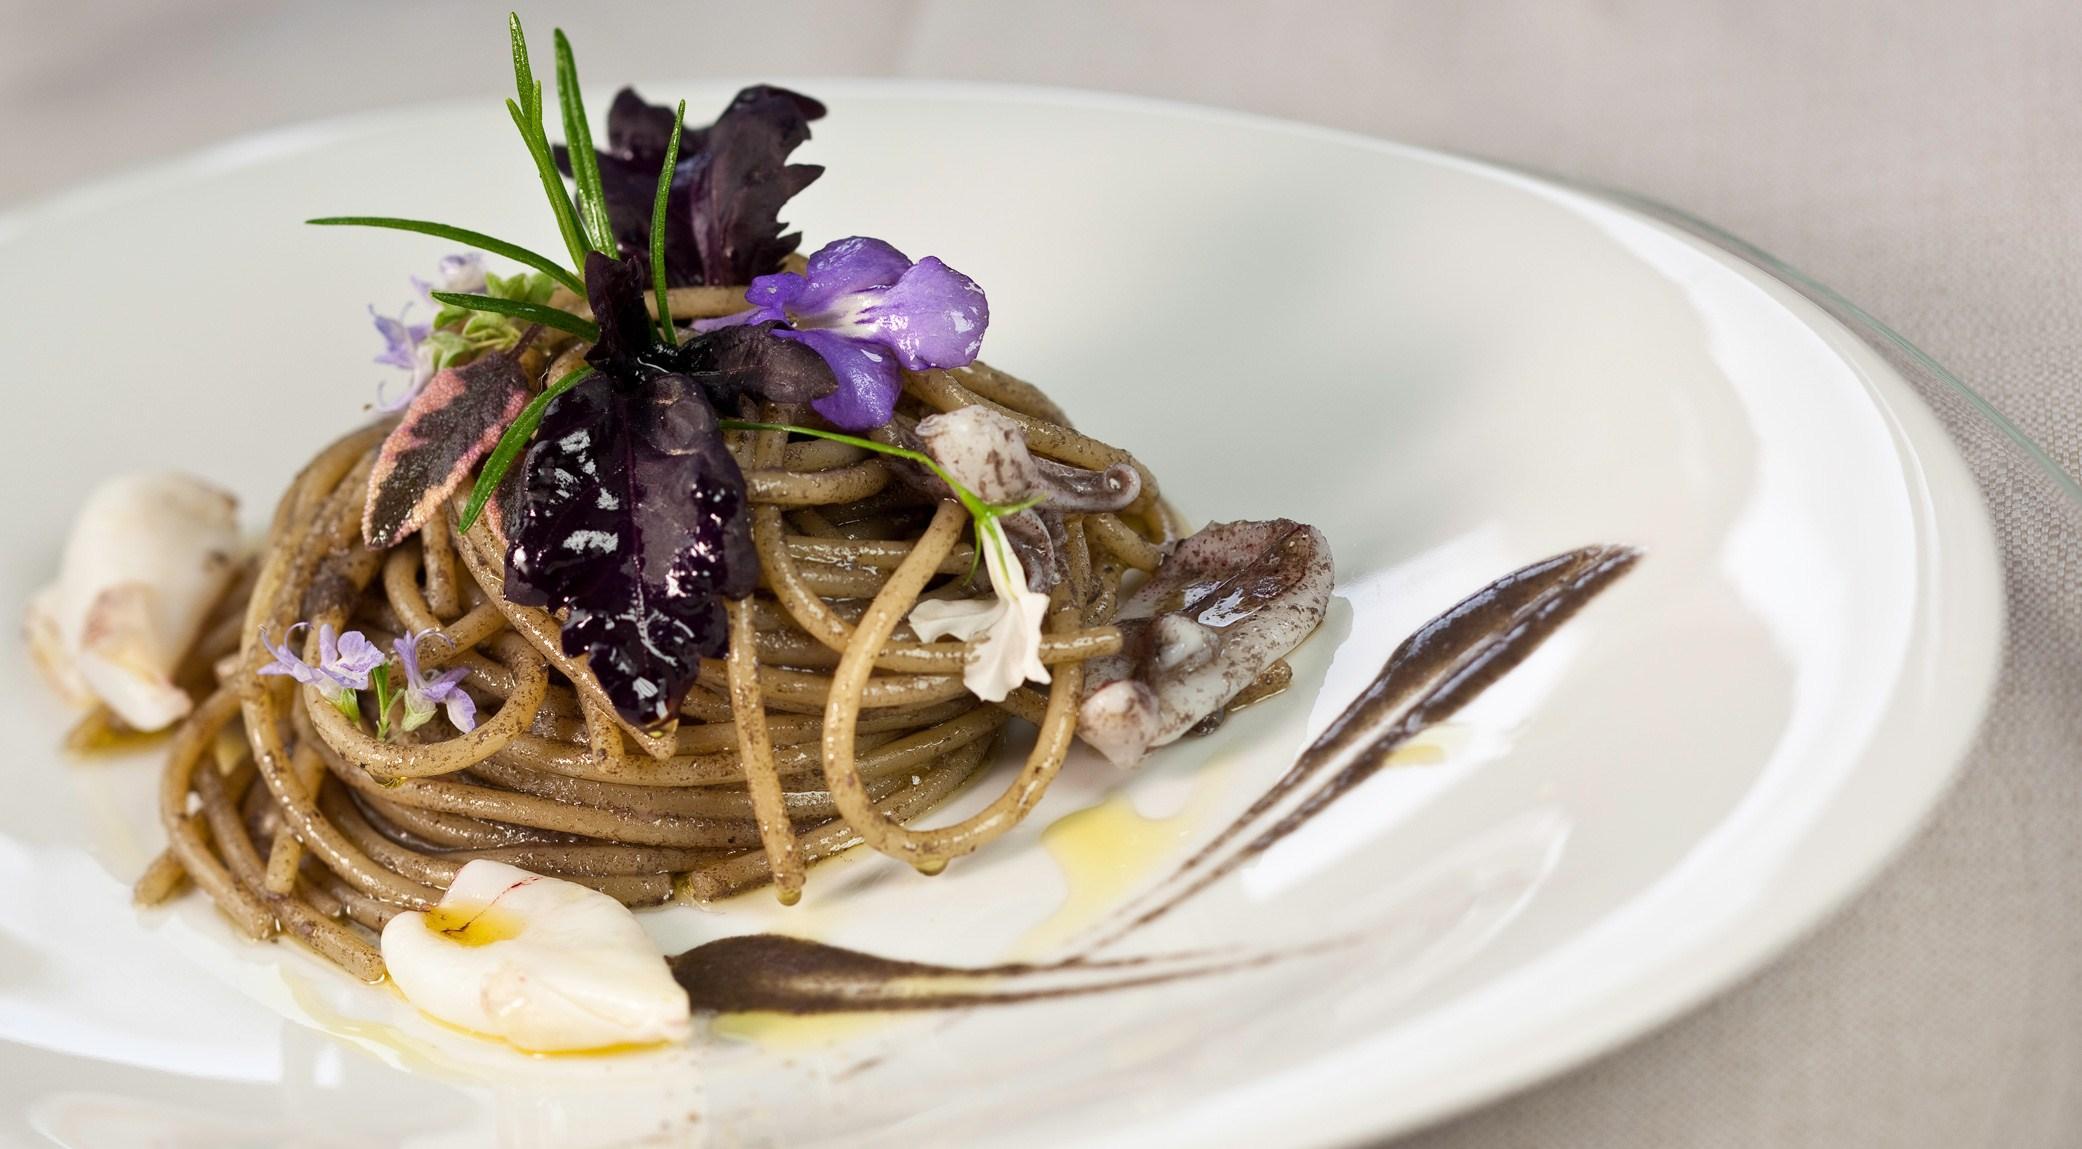 Marianna-Vitale-spaghetti-con-calamaretti-e-rosmarino